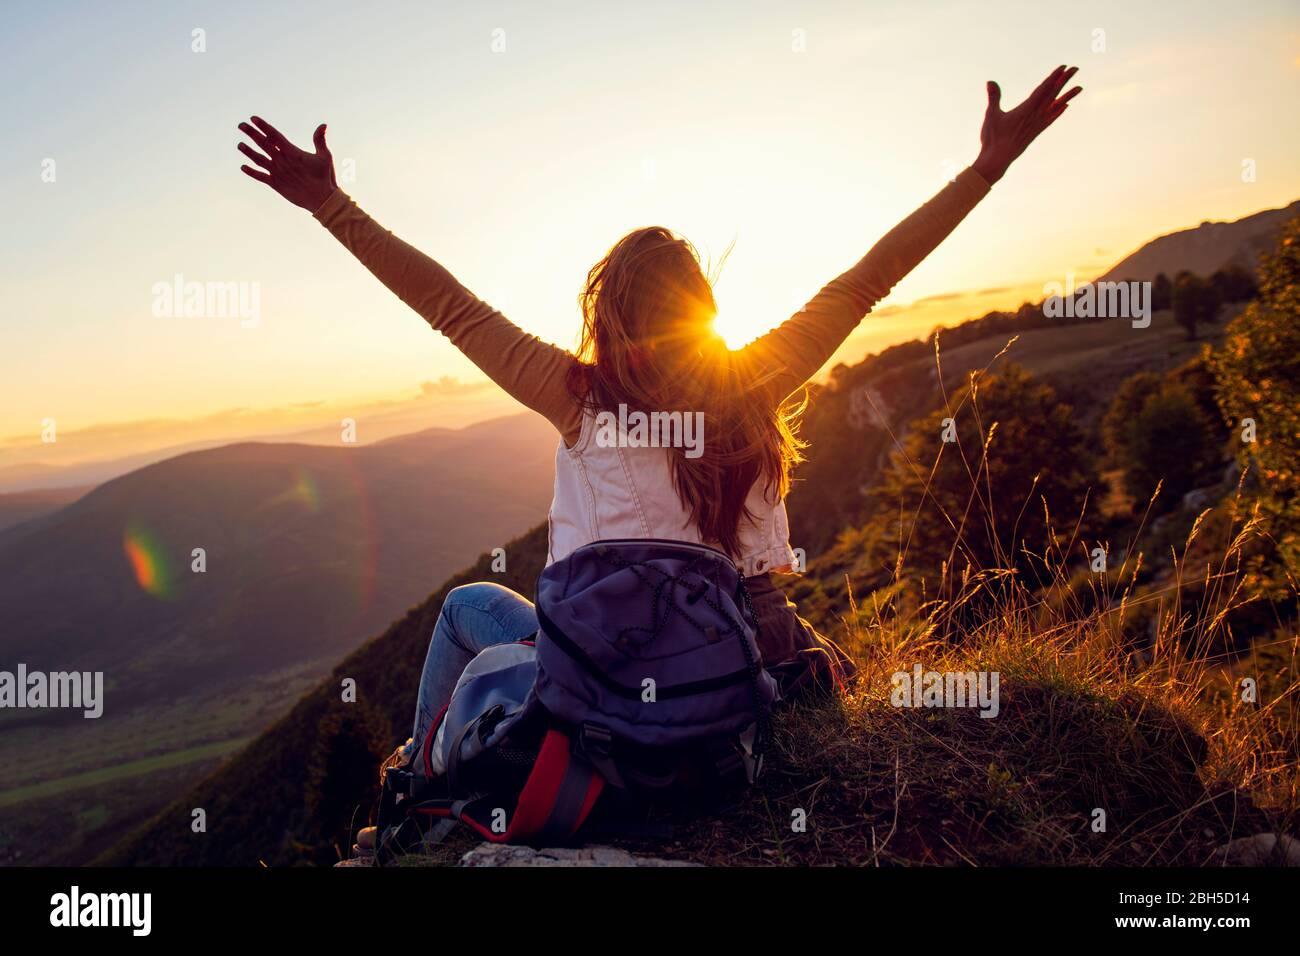 Giovane donna alzarsi mano su in cima alla montagna e tramonto cielo sfondo astratto. Foto Stock